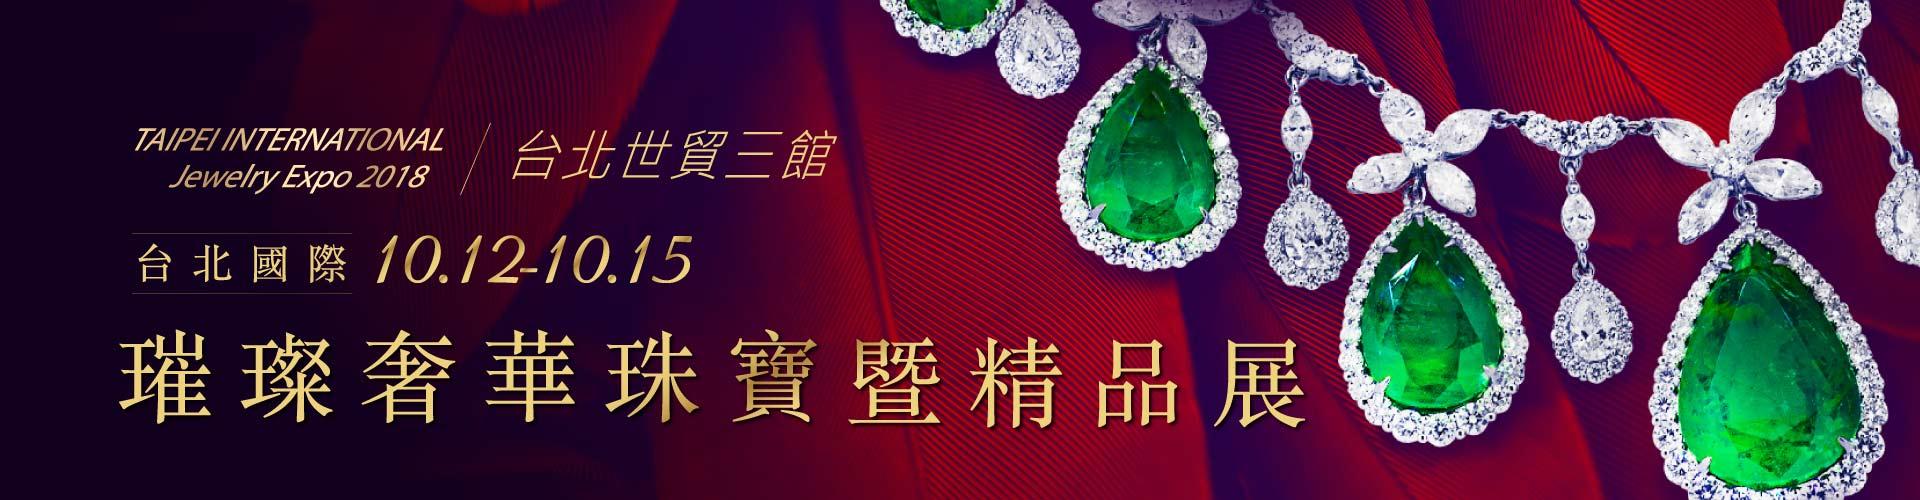 2018台北國際璀璨奢華珠寶暨精品展